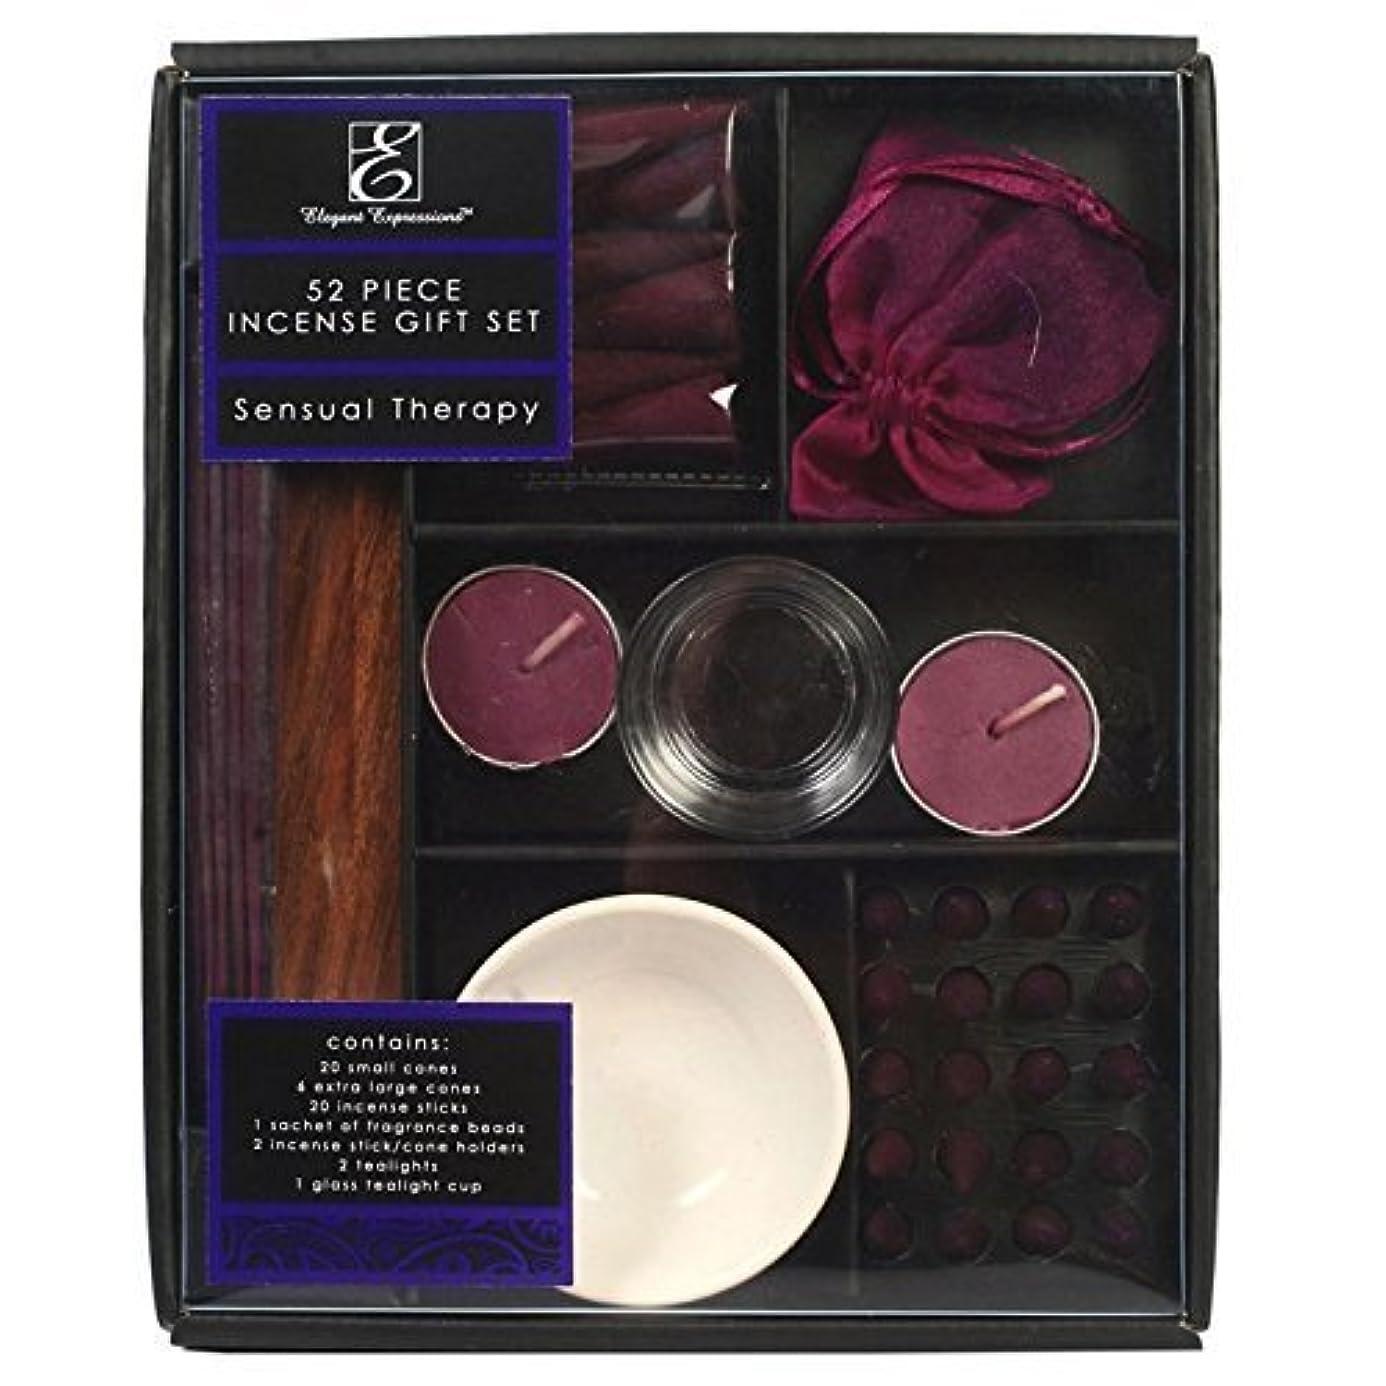 通常主婦差別化するHosley Incense Gift Set 52 pc - Sensual Therapy by Elegant Expressions [並行輸入品]